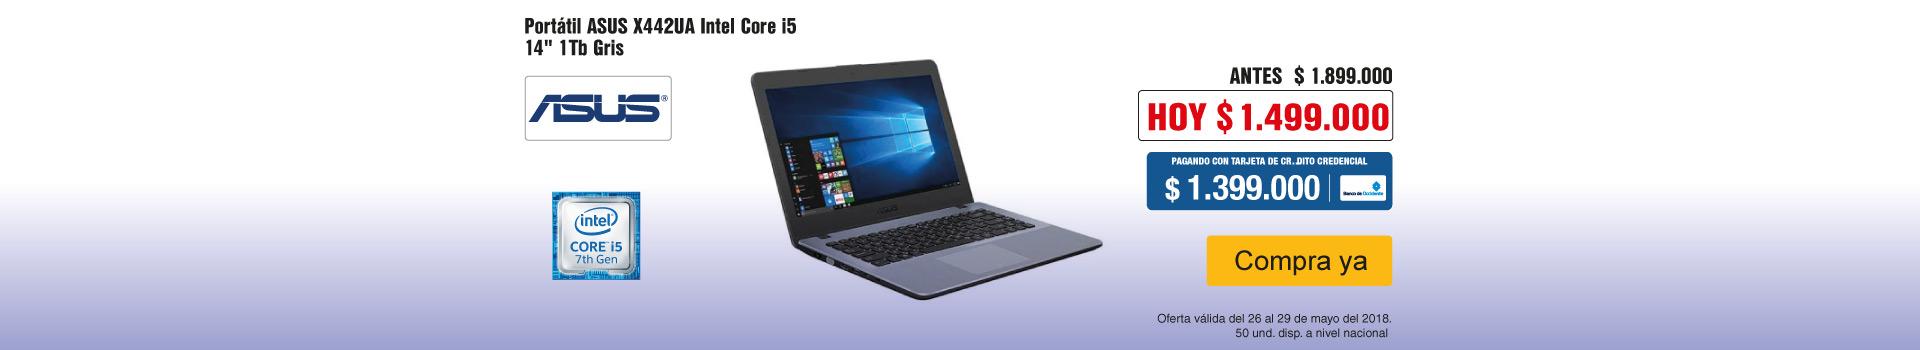 AK-KT-HIPER-1-computadores y tablets-PP---Asus-X442UA-May26